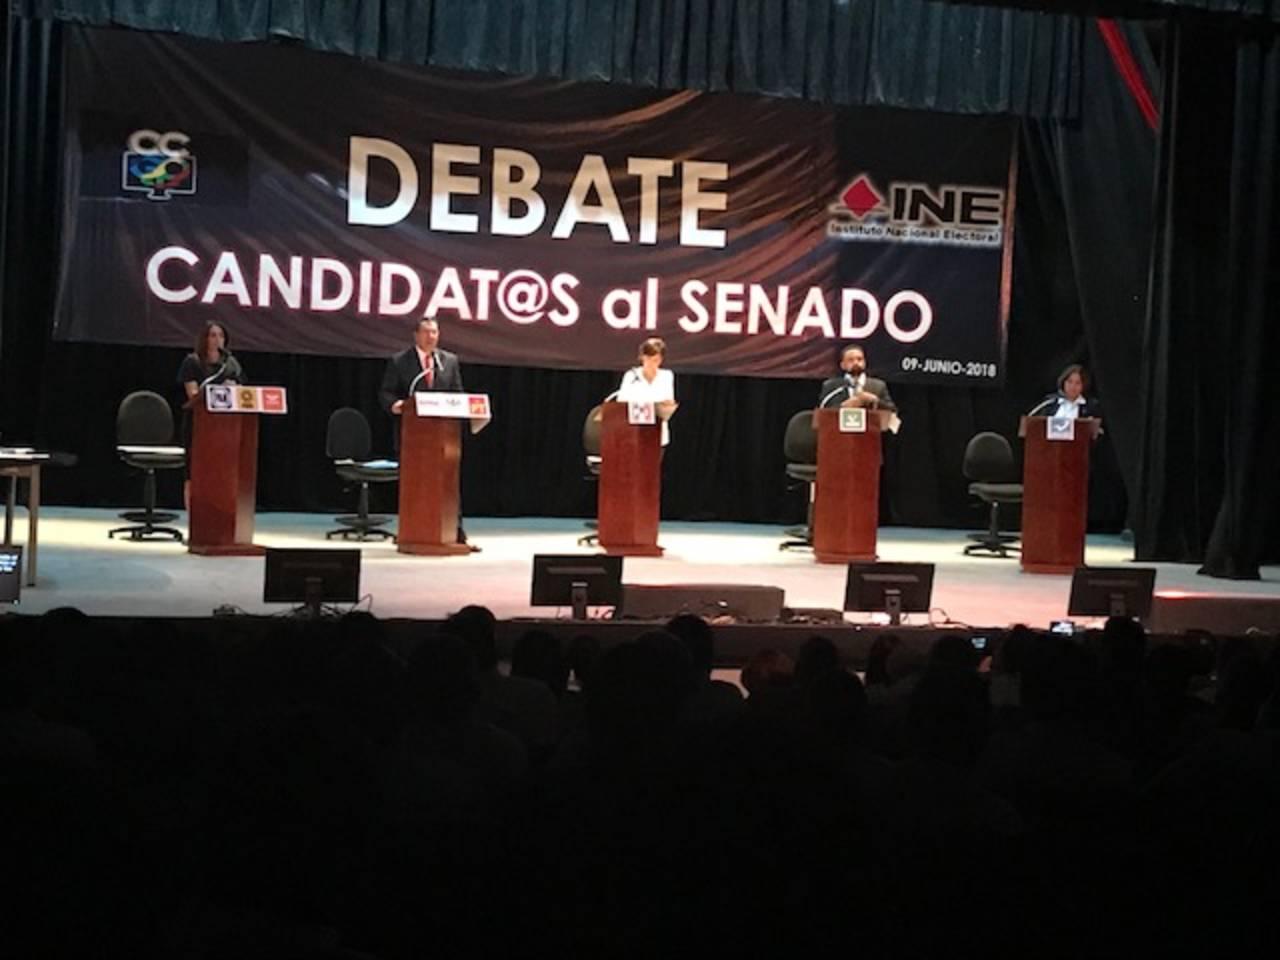 Candidatos al senado debaten y se atacan